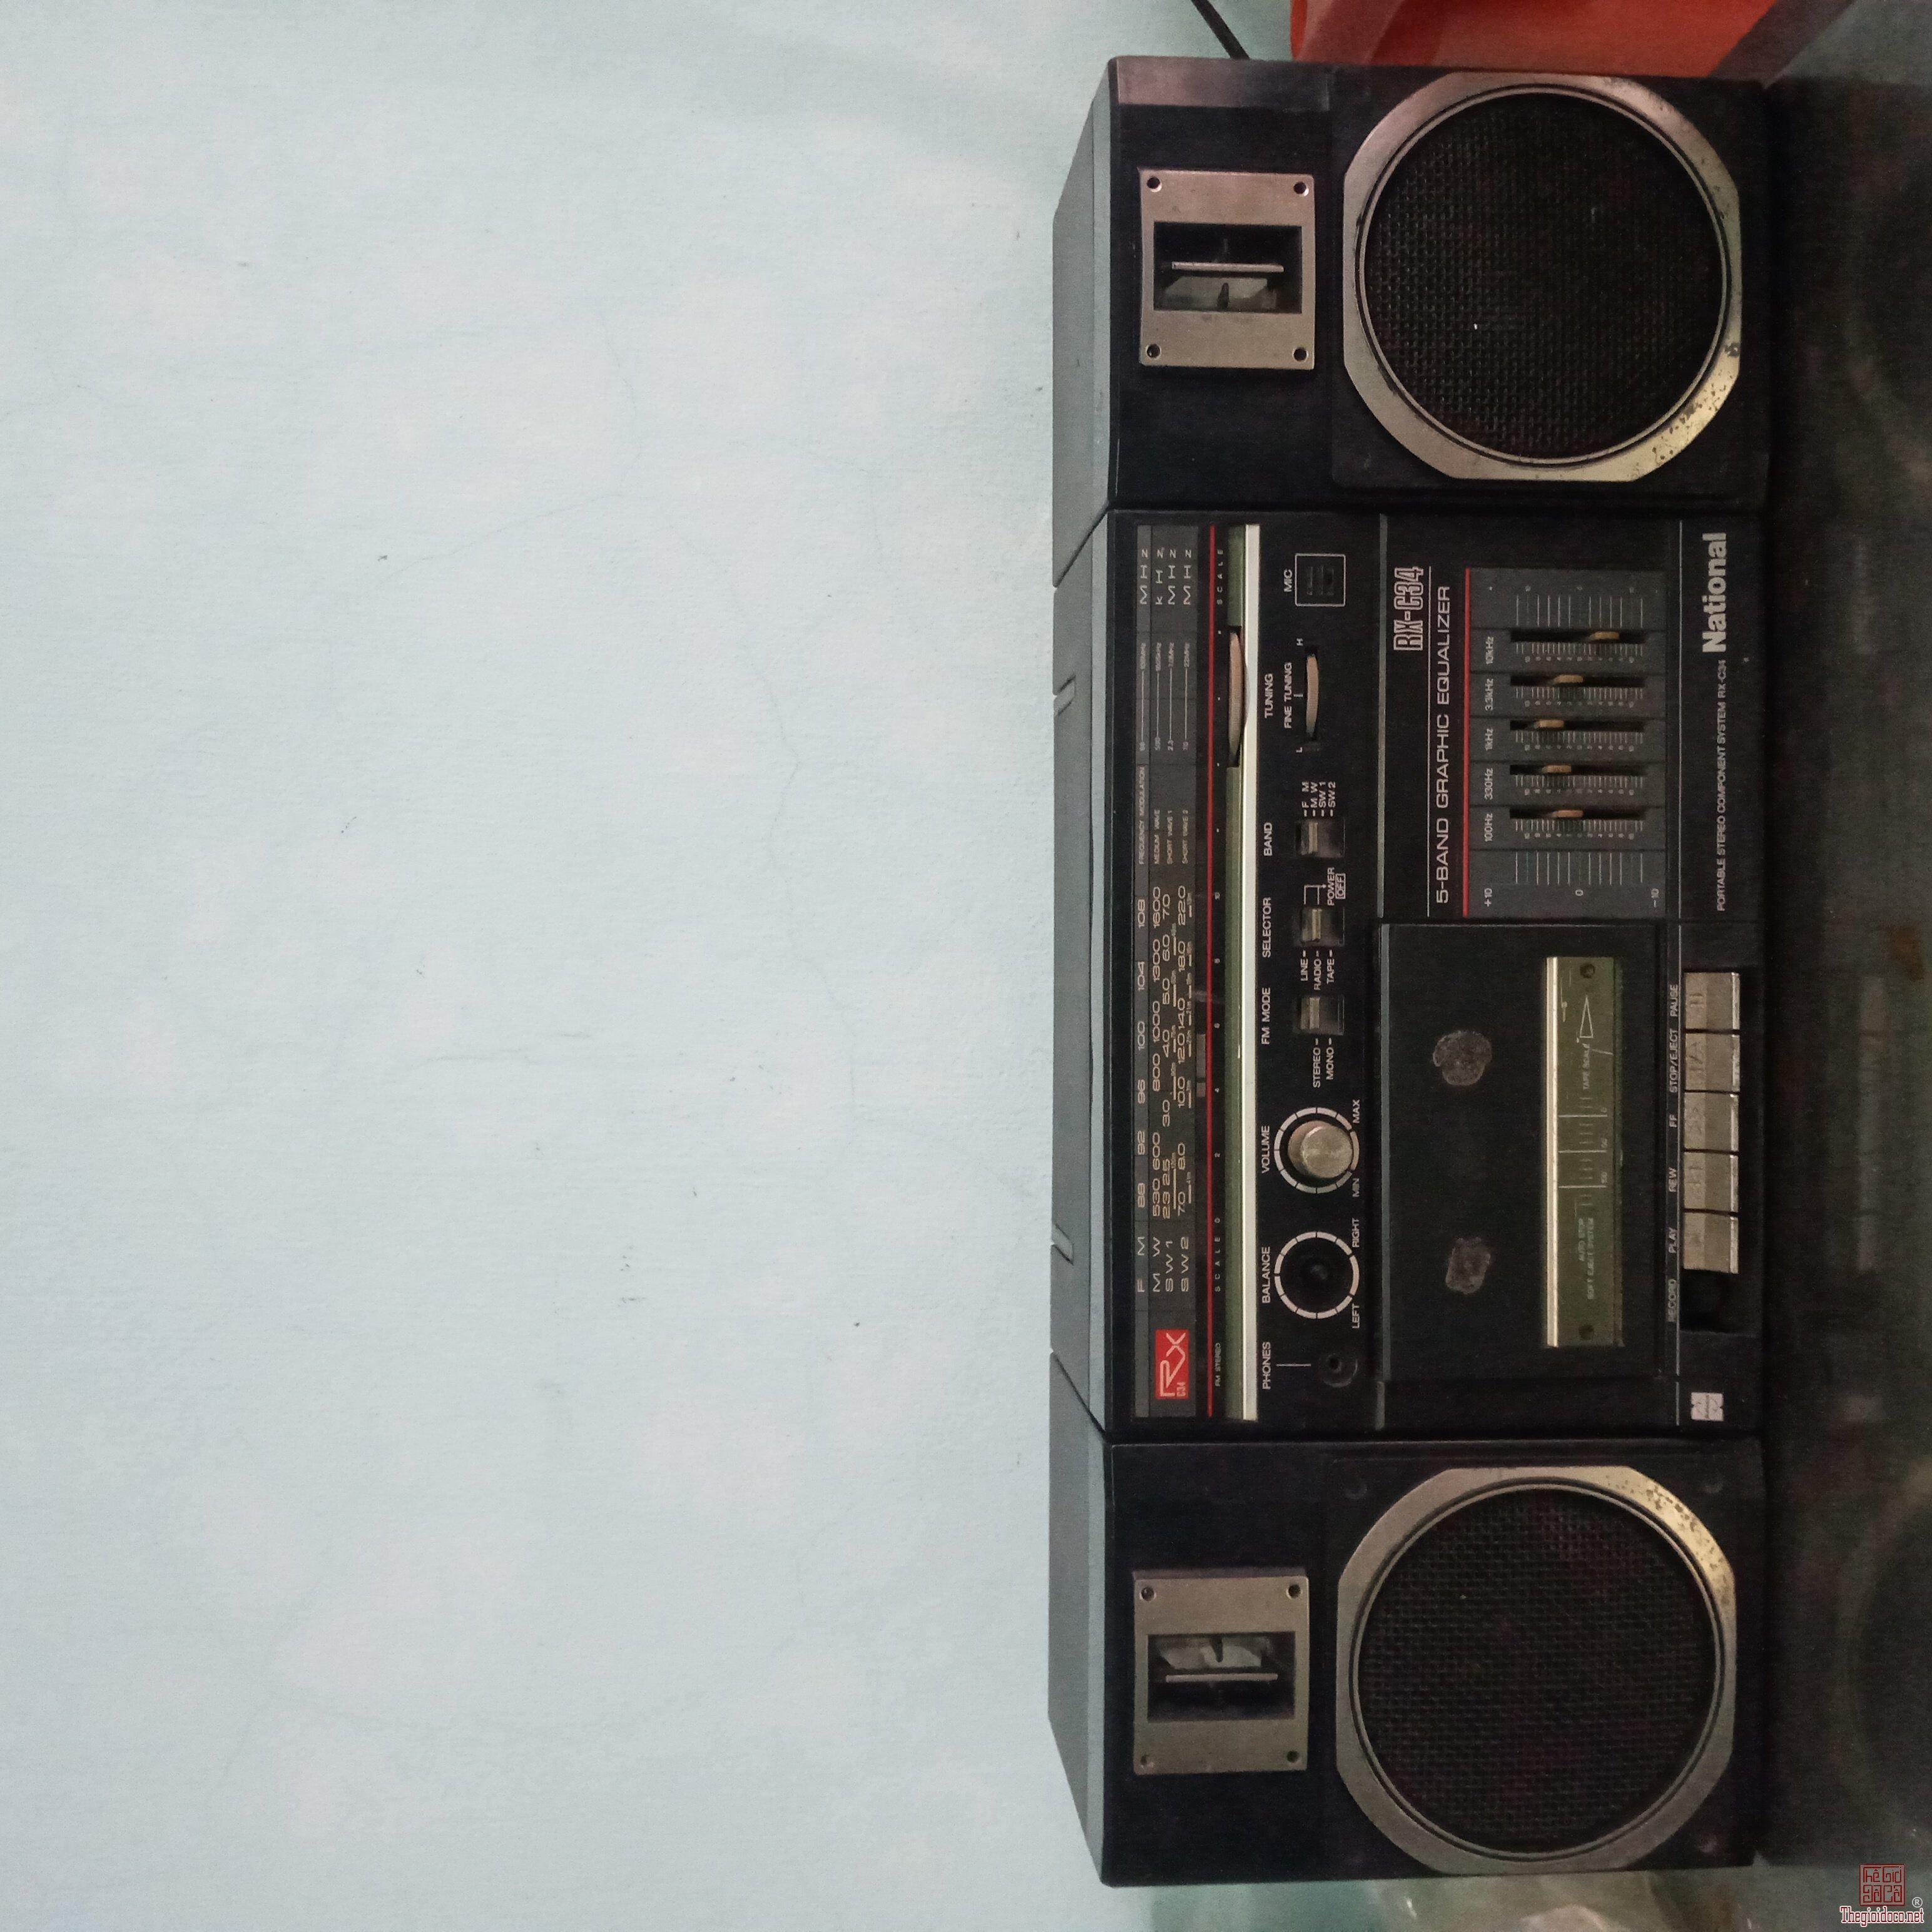 Giao lưu:Cassette National Nhật Xưa.Hát Radio tốt. băng không quay.Máy còn đẹp 98%.Máy Zin.